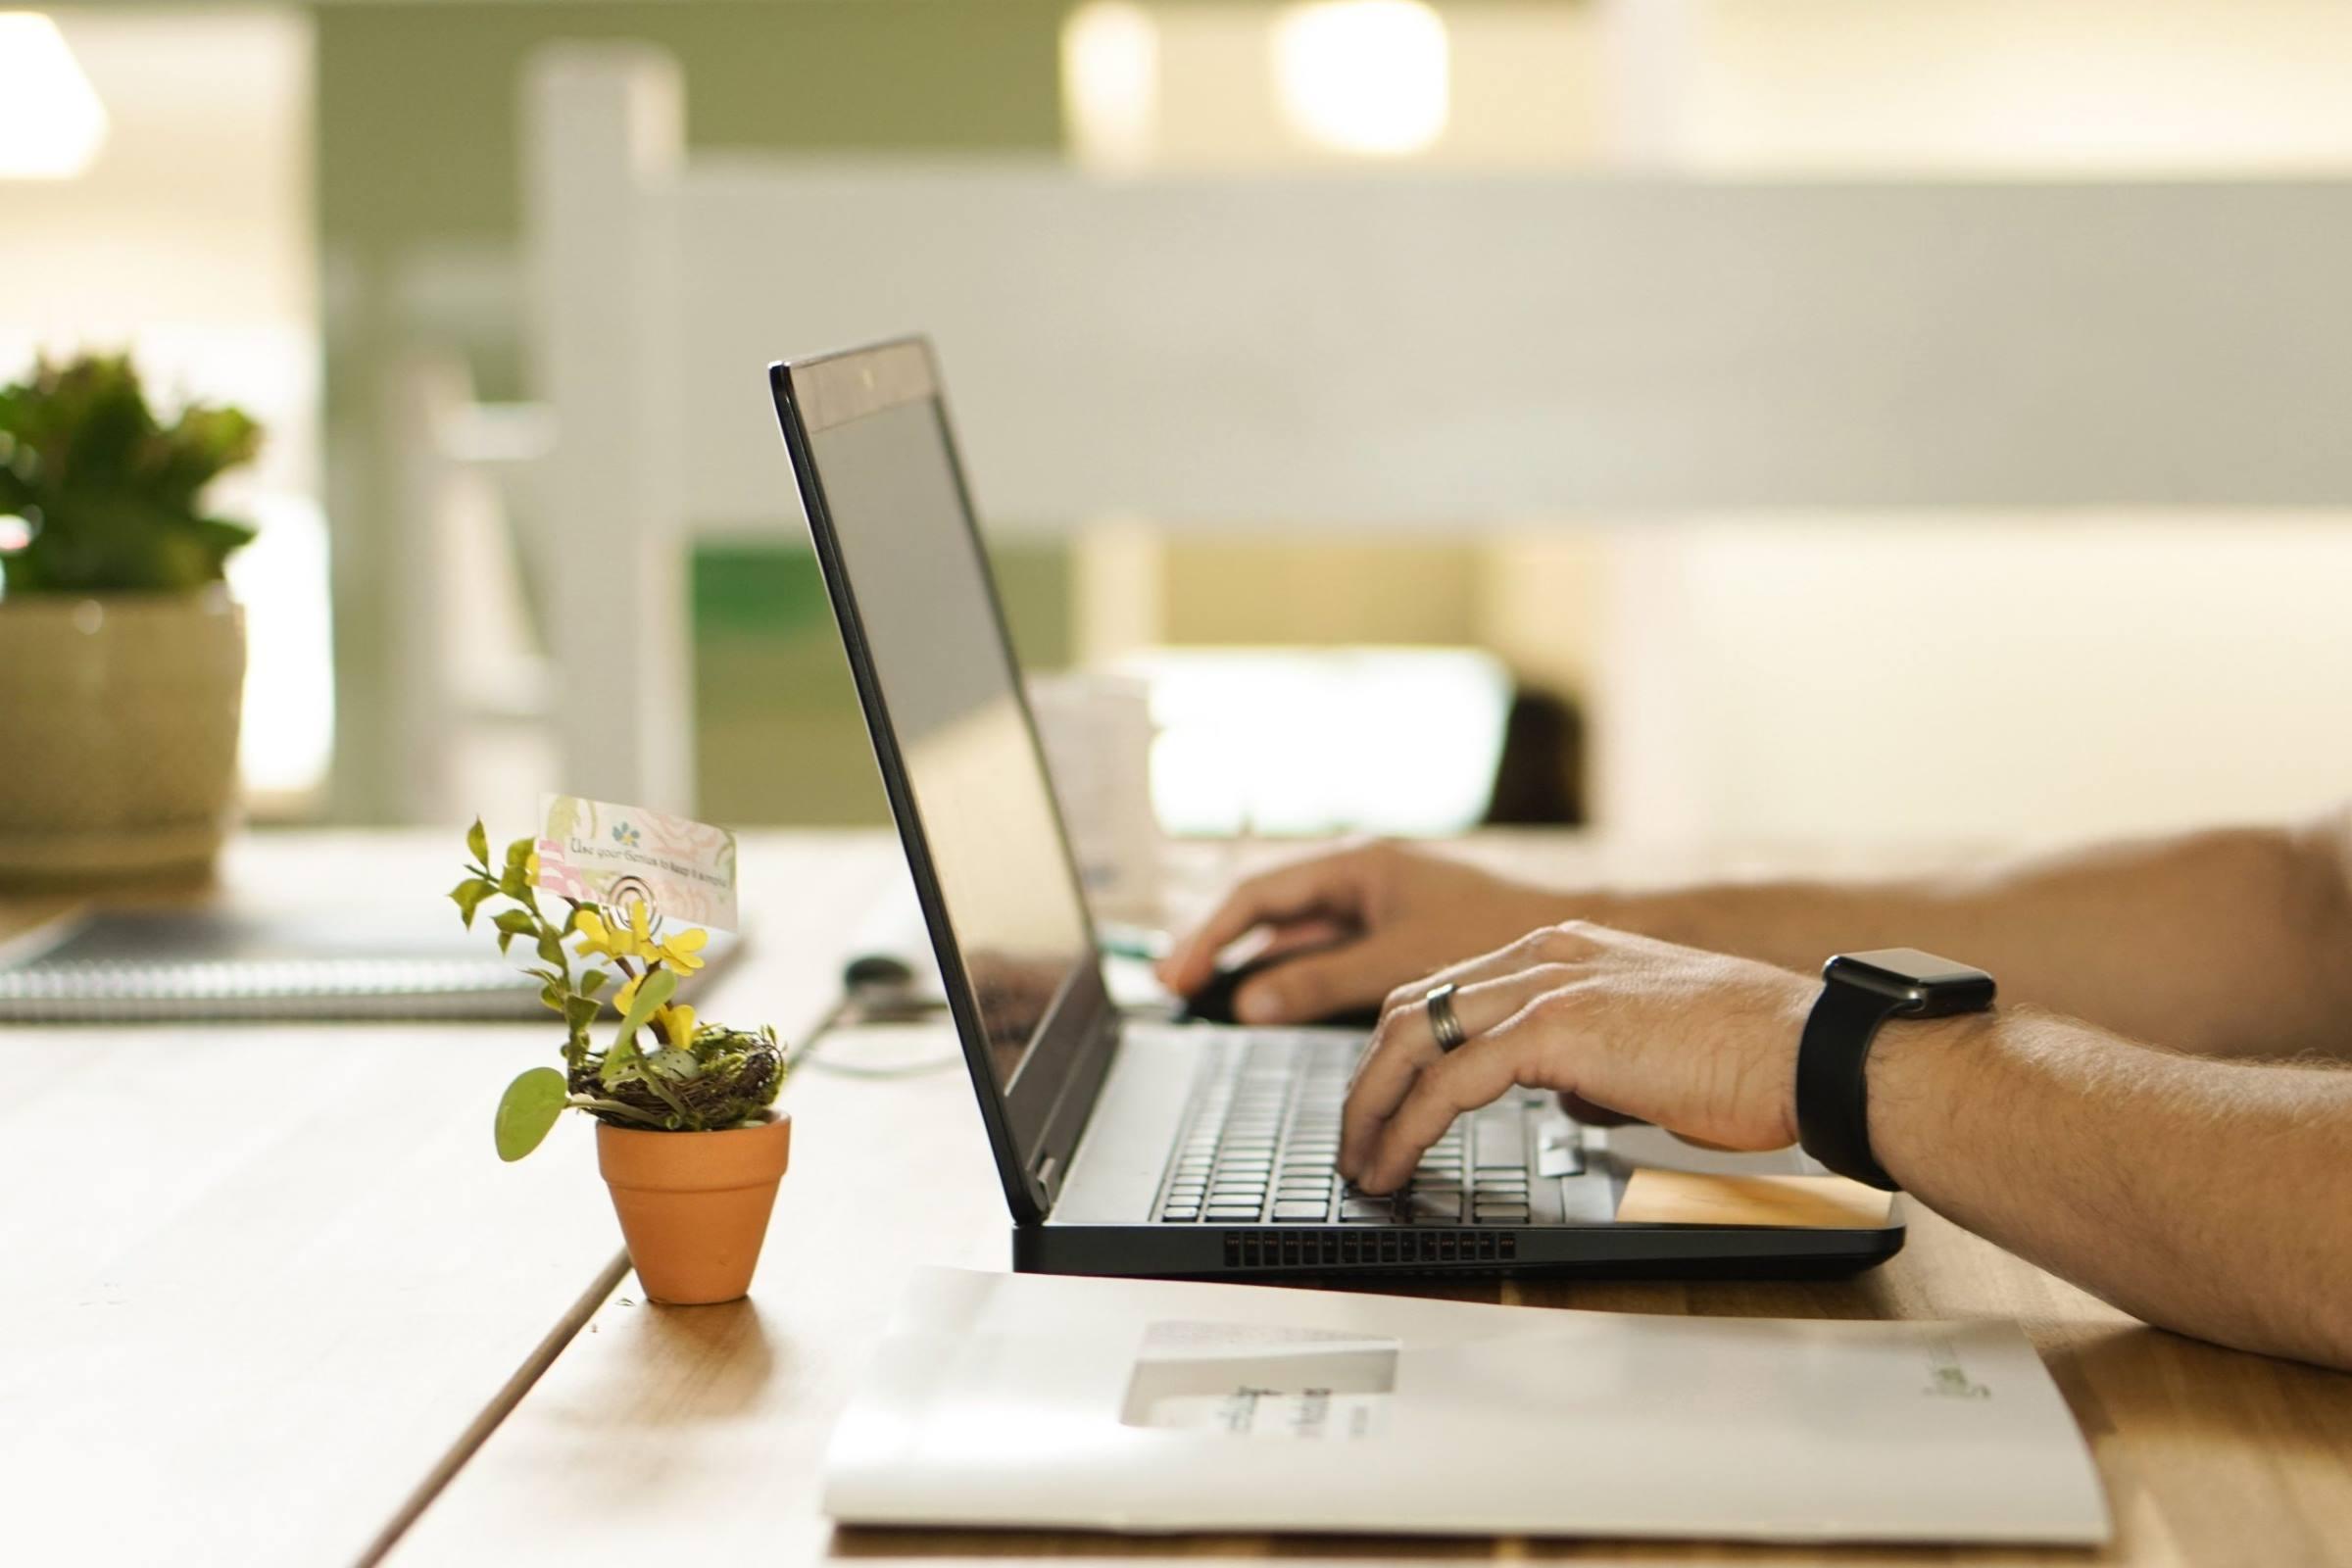 laptop man hands plant desk